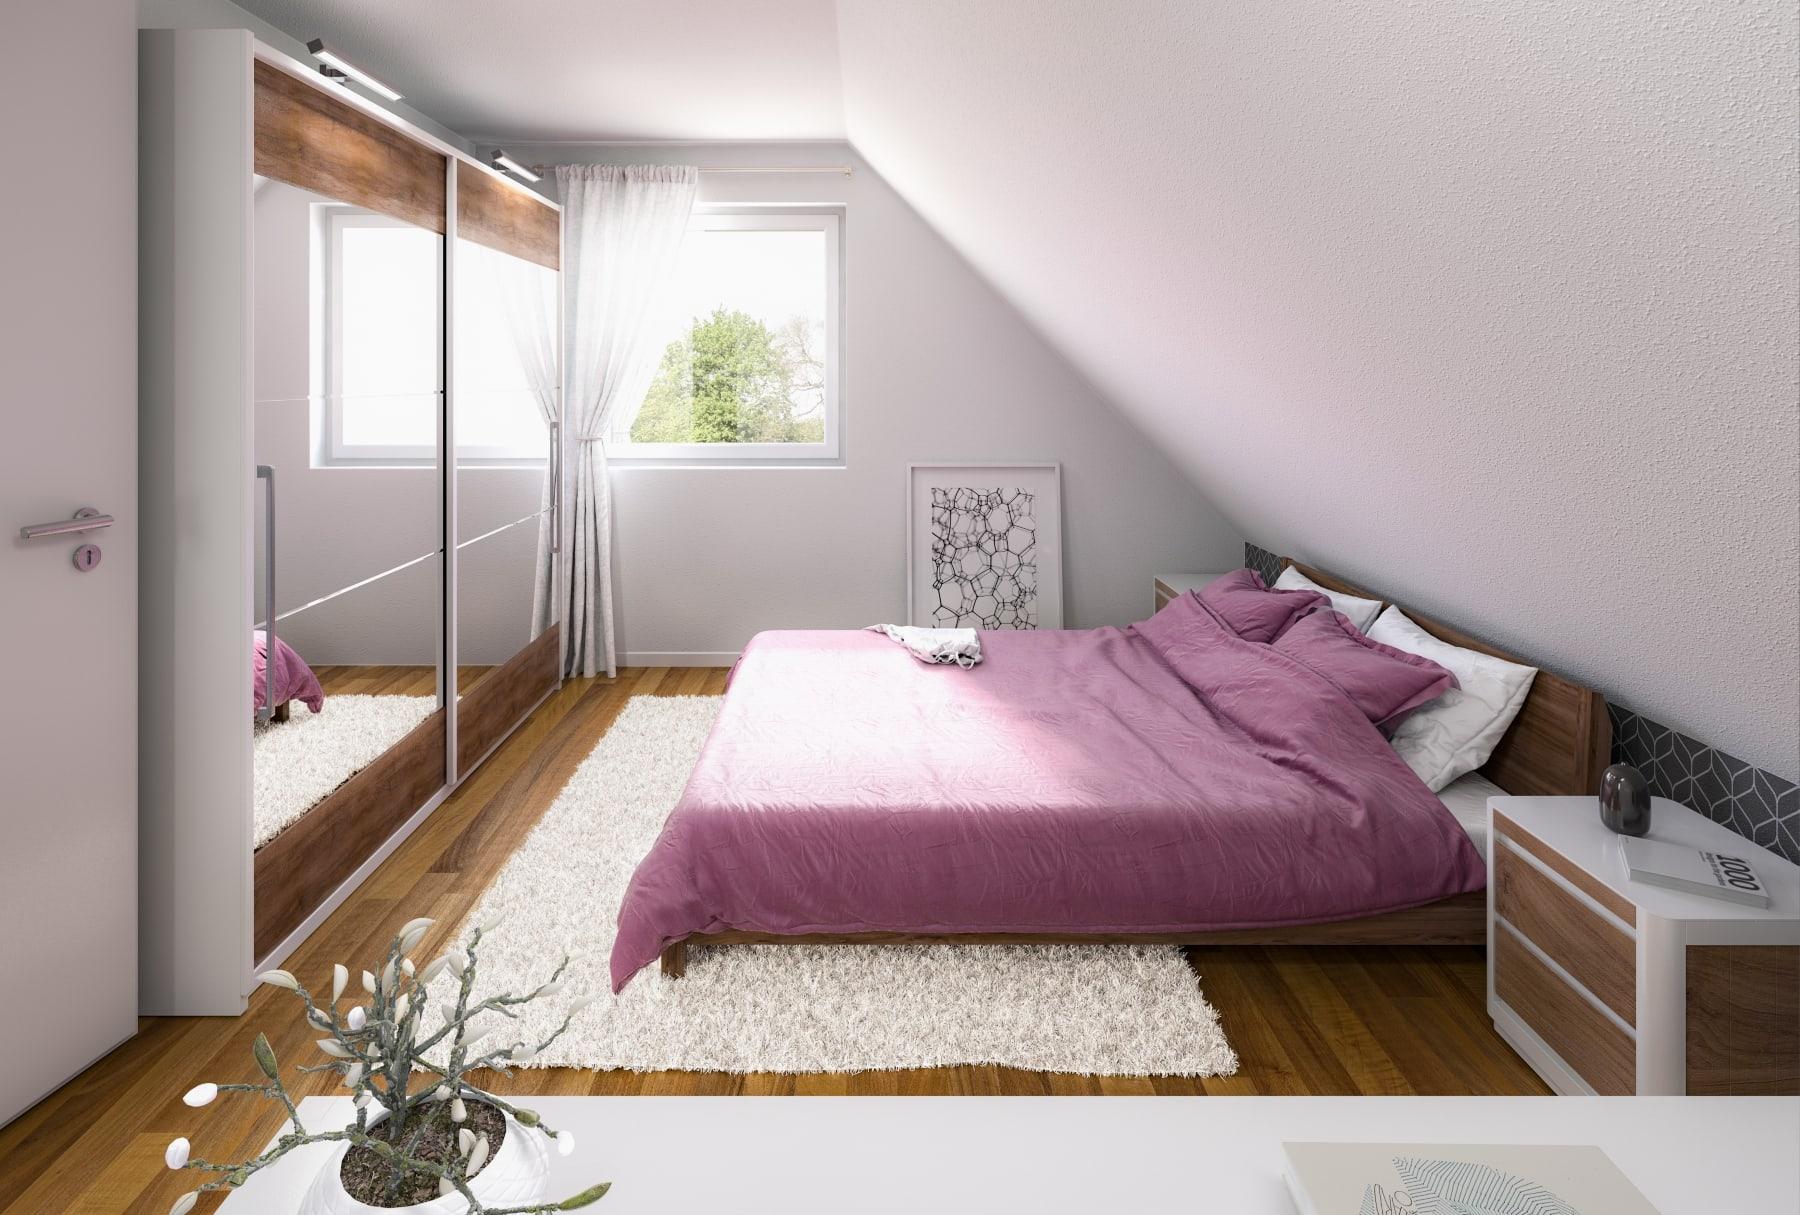 Schlafzimmer mit Dachschräge - Einfamilienhaus Inneneinrichtung Ideen Massivhaus Raumwunder 100 Süd von Town & Country Haus - HausbauDirekt.de